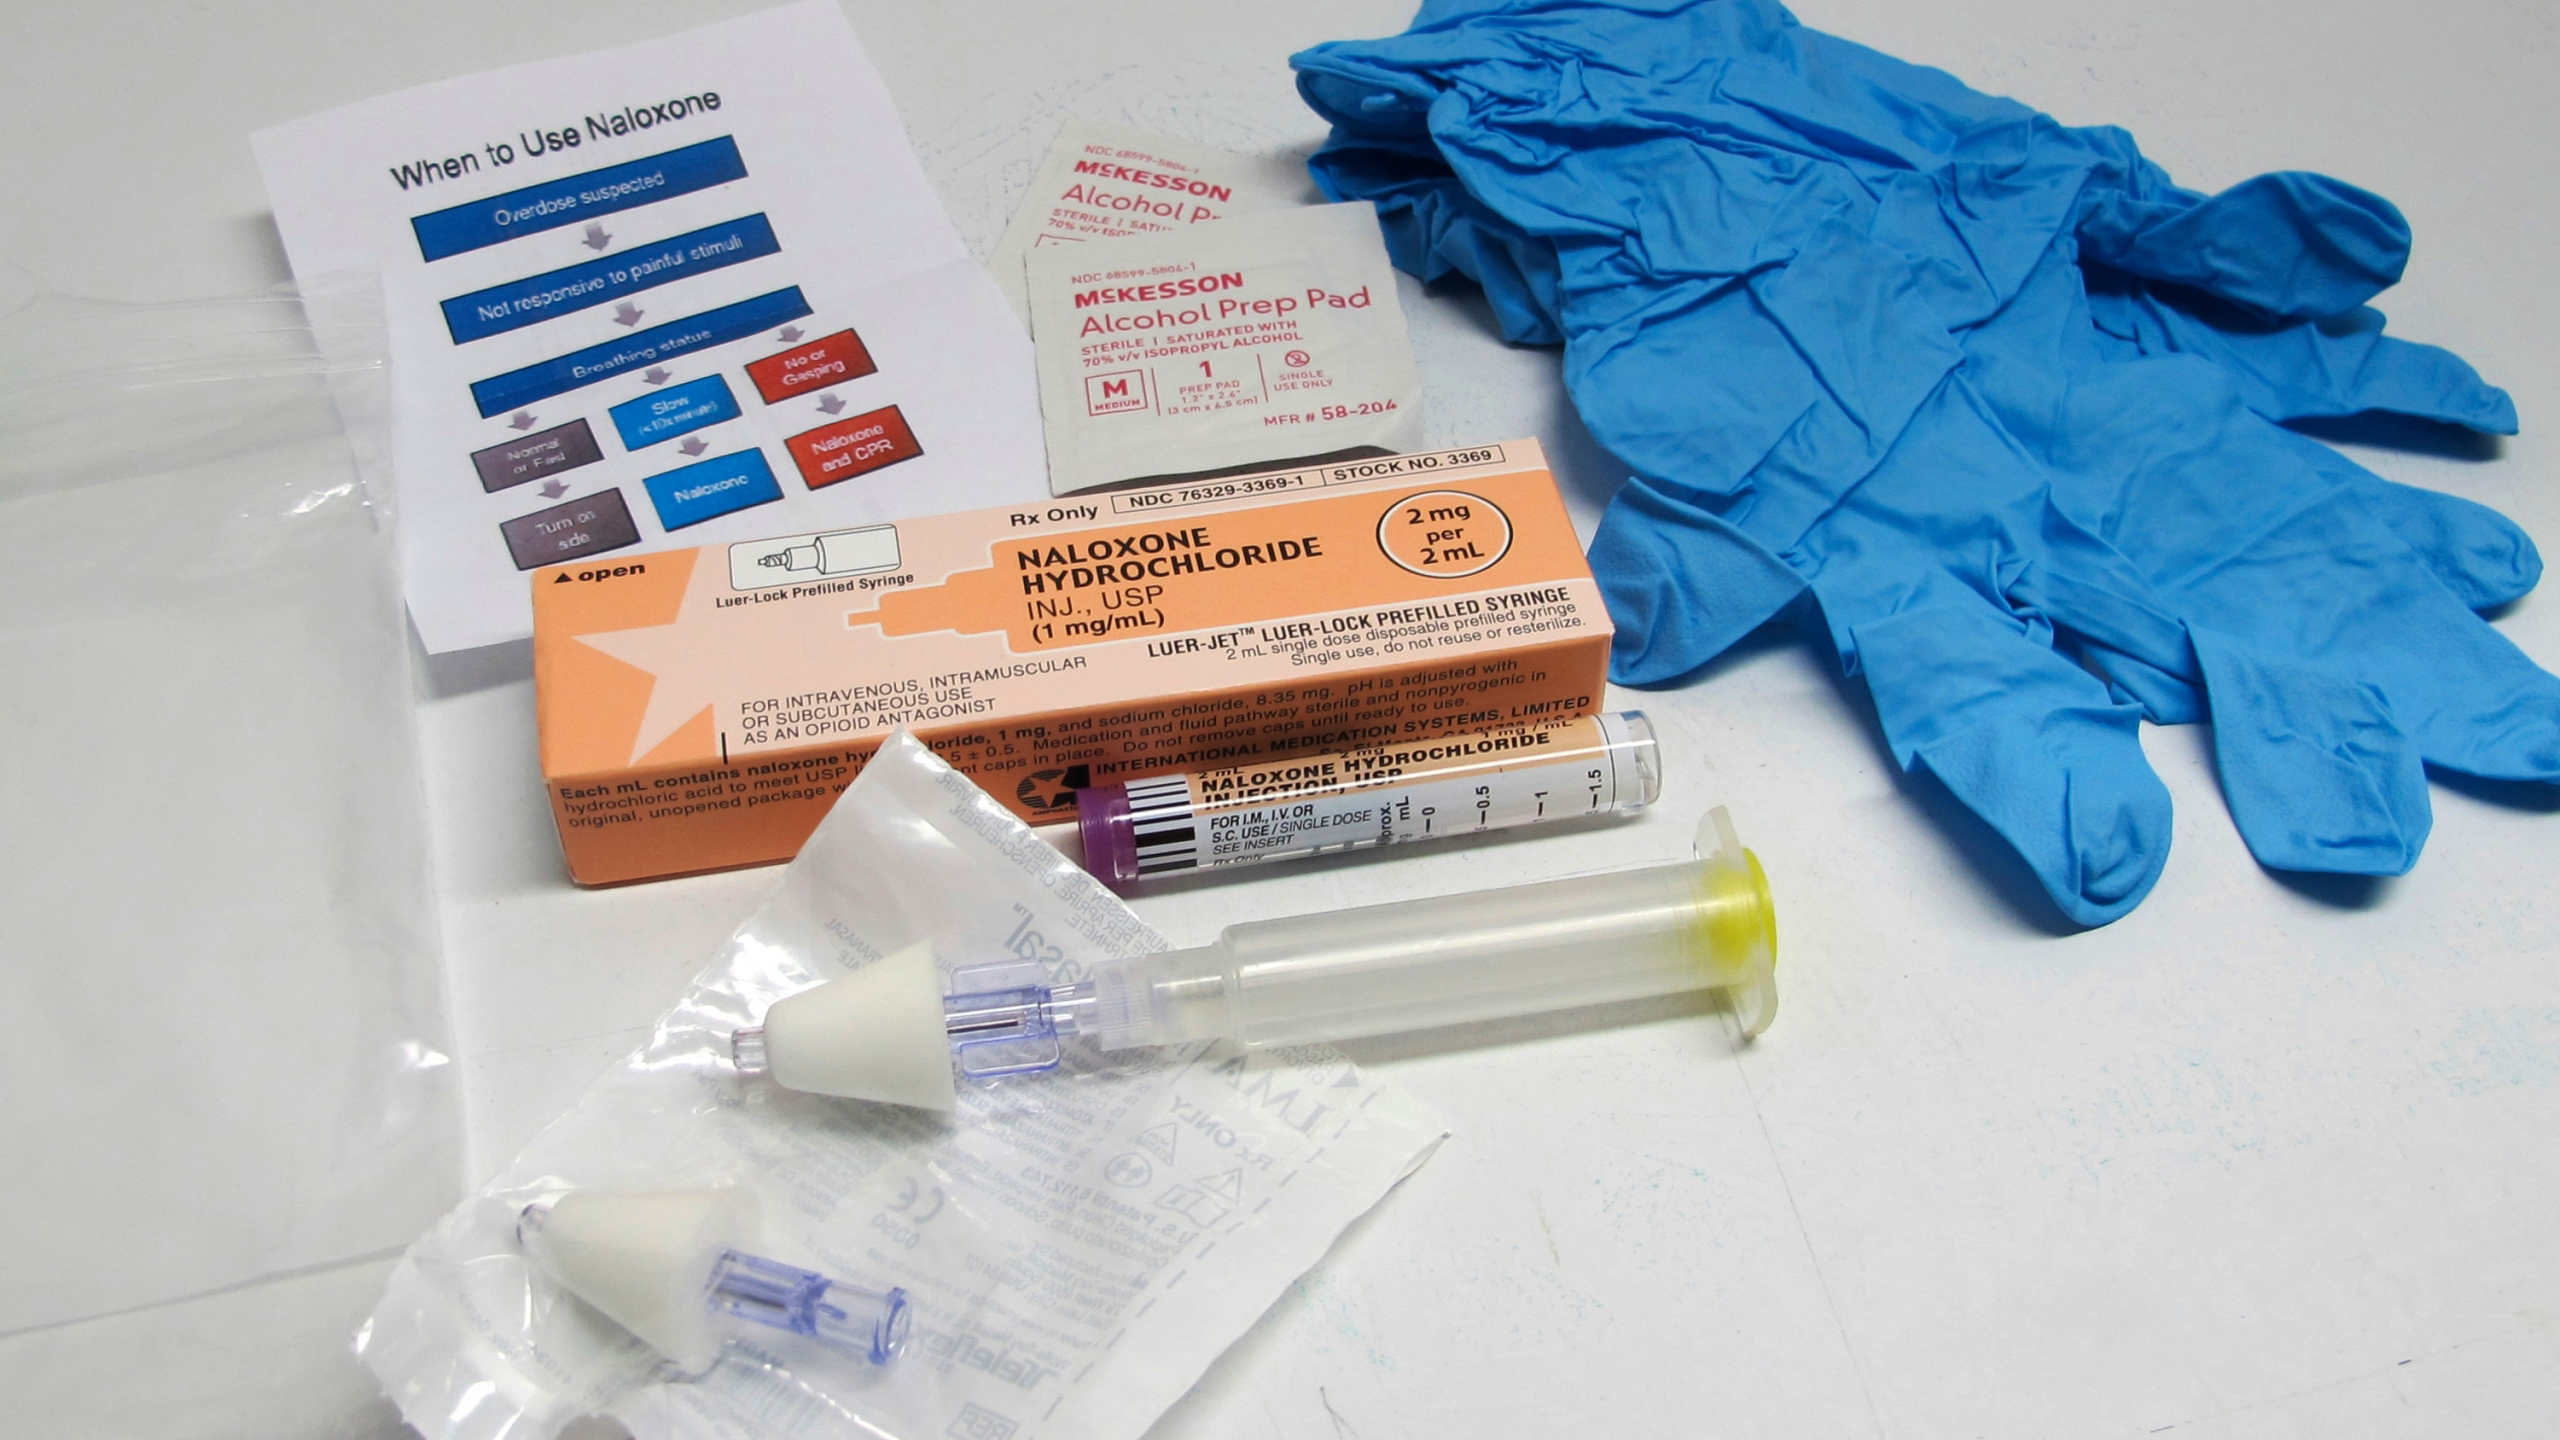 Opioid_Hospitalizations_Kids_21316-159532.jpg25033229